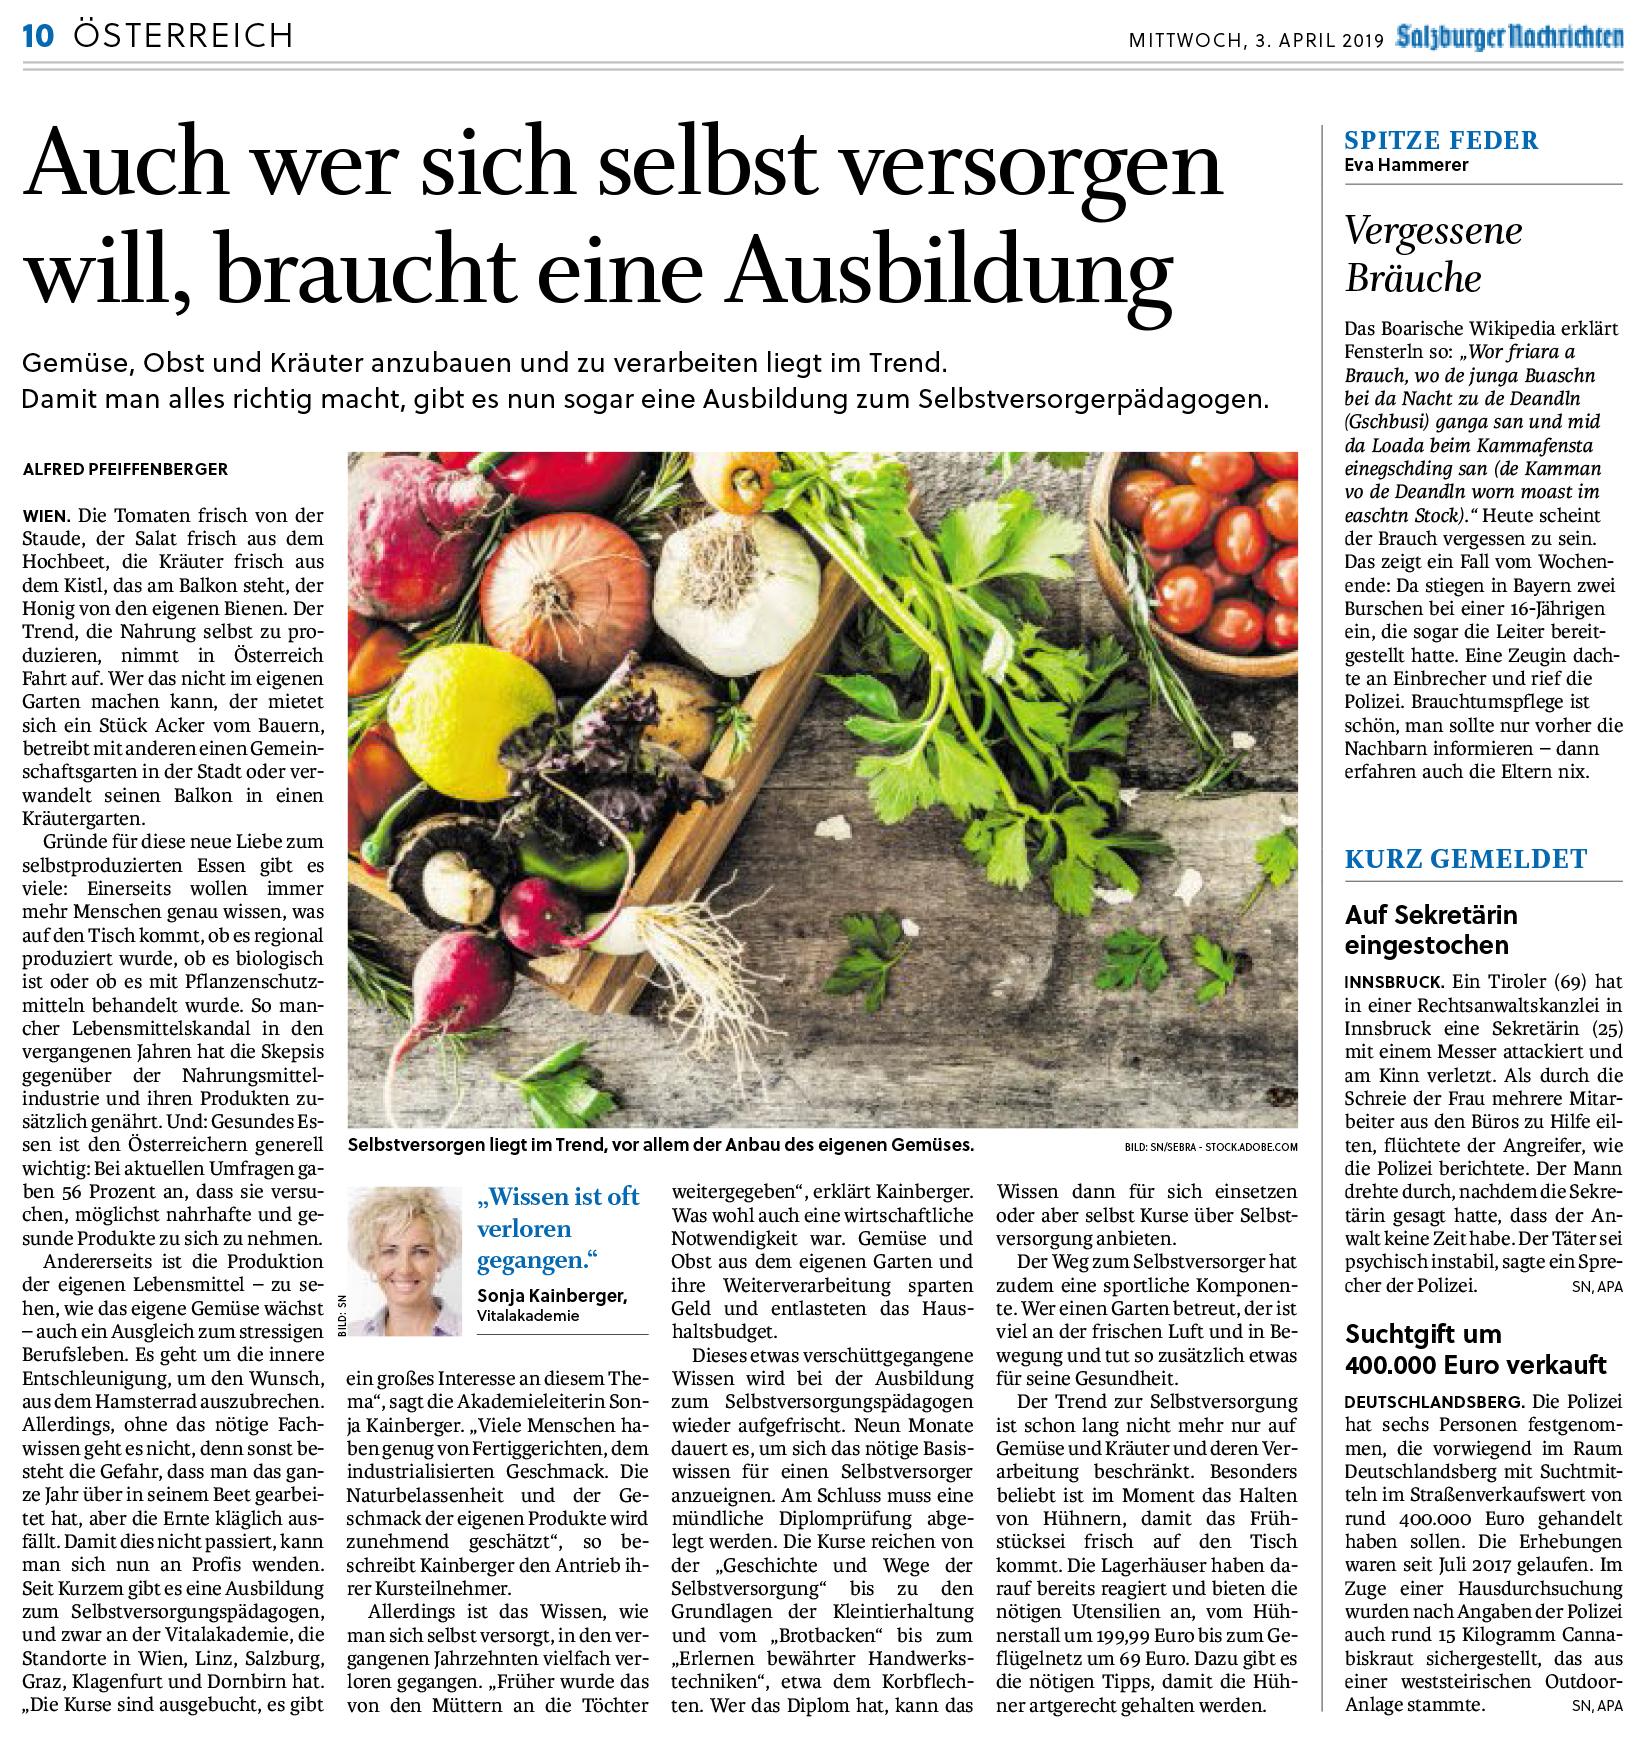 Artikel Salzburger Nachrichten SVP April 2019